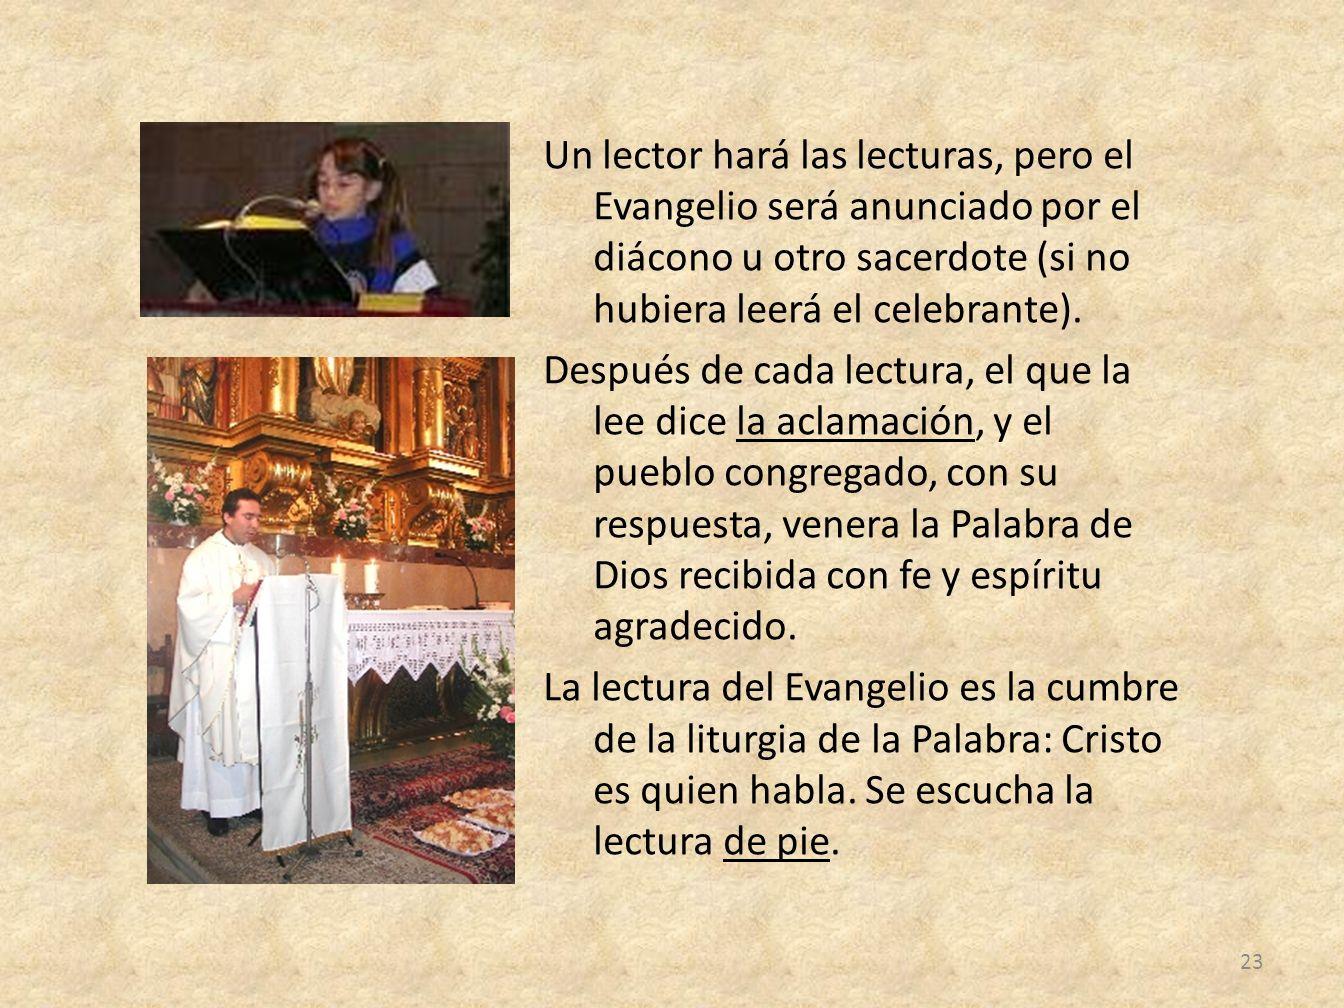 Un lector hará las lecturas, pero el Evangelio será anunciado por el diácono u otro sacerdote (si no hubiera leerá el celebrante). Después de cada lec